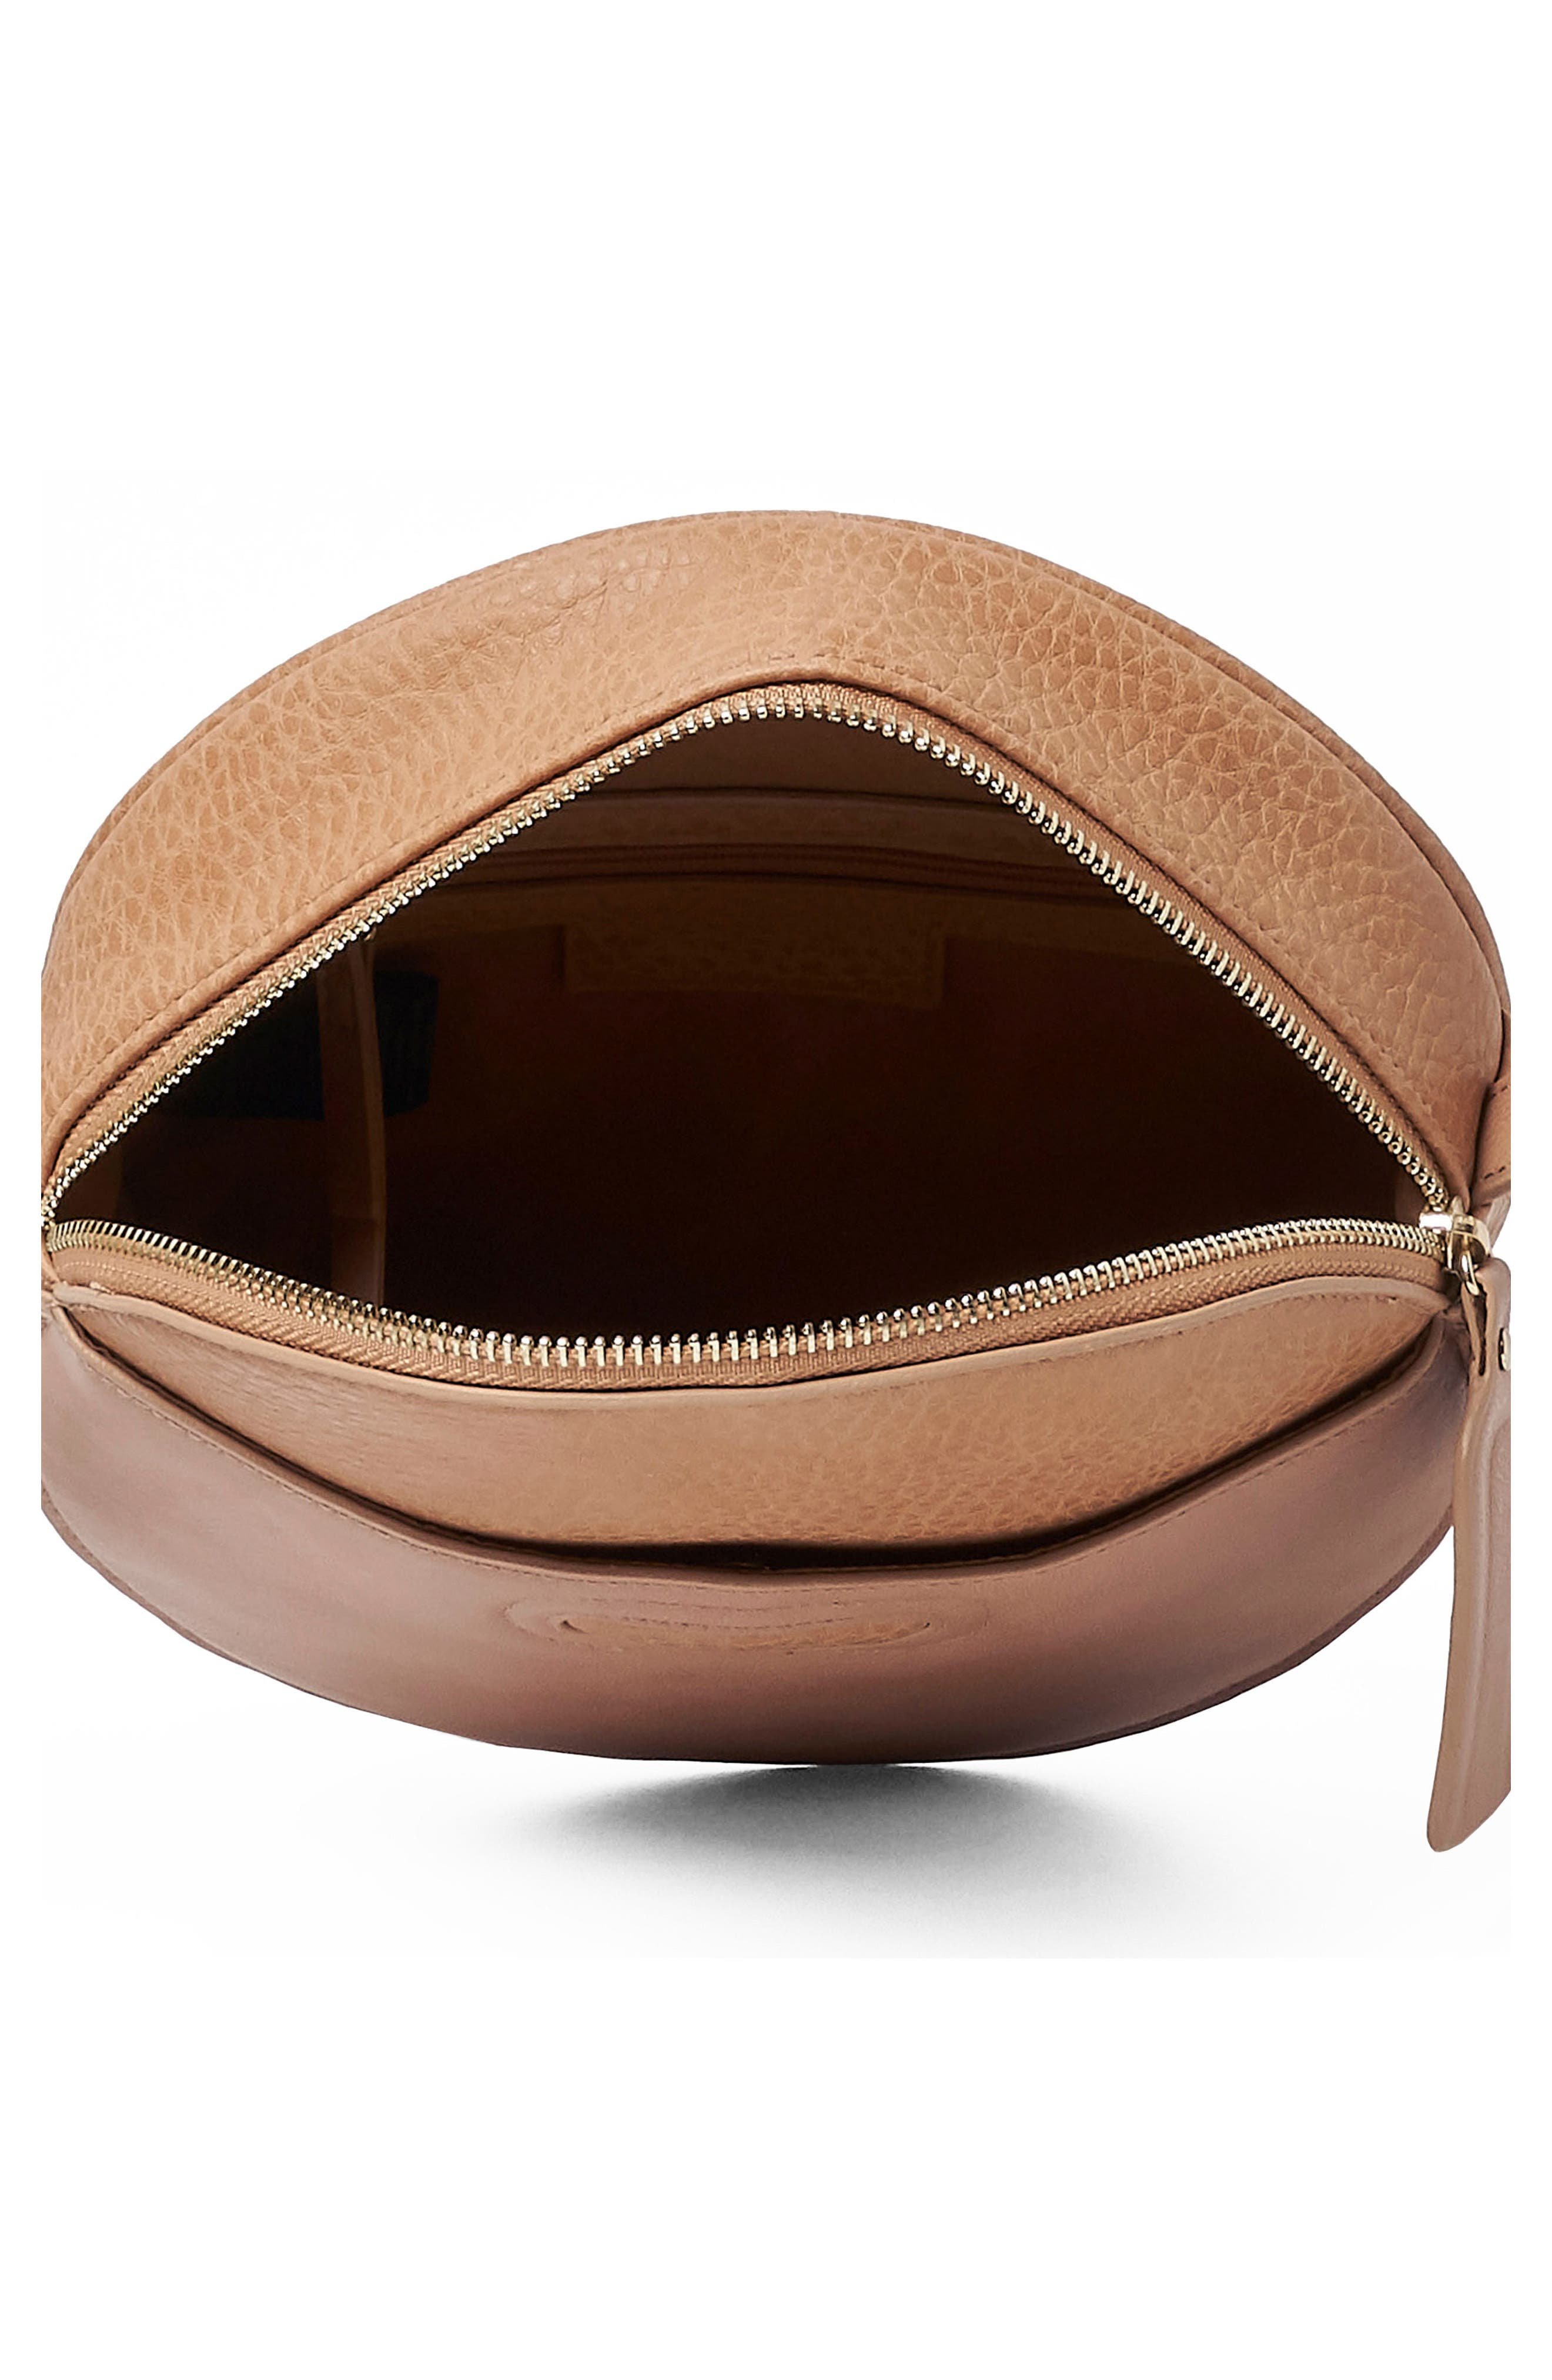 URBAN ORIGINALS,                             Carousel Vegan Leather Crossbody Bag,                             Alternate thumbnail 2, color,                             LATTE